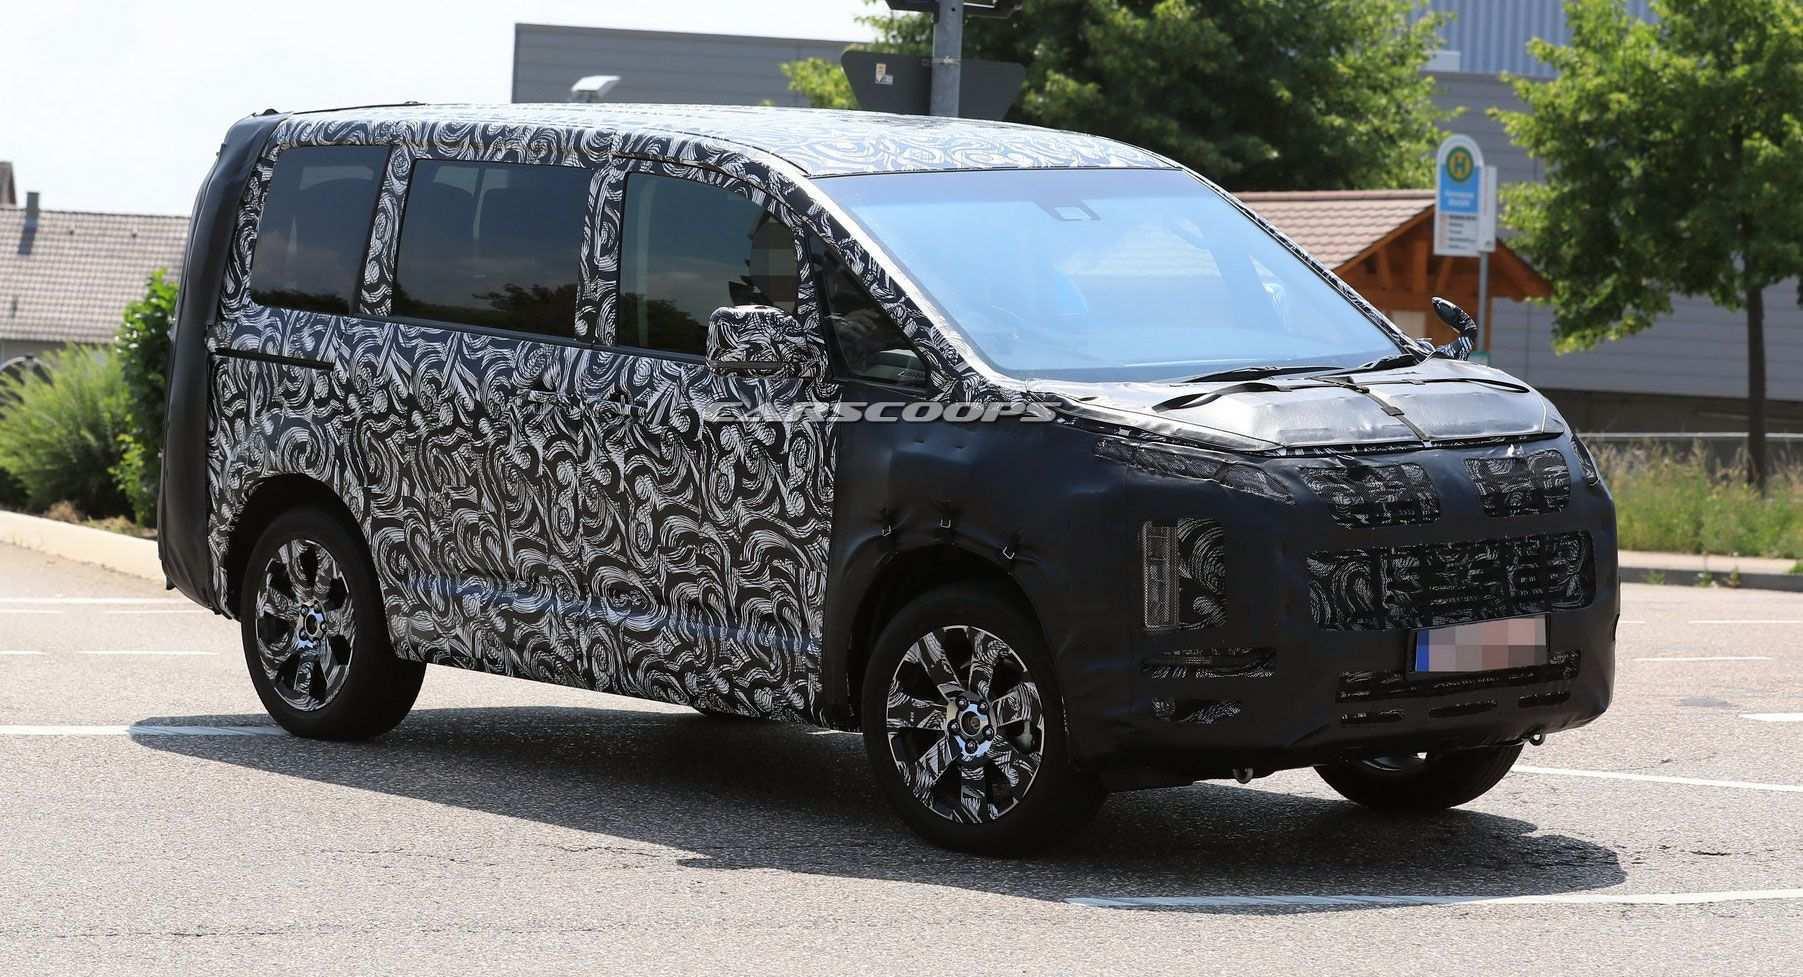 45 Gallery of 2019 Mitsubishi Delica Pricing for 2019 Mitsubishi Delica